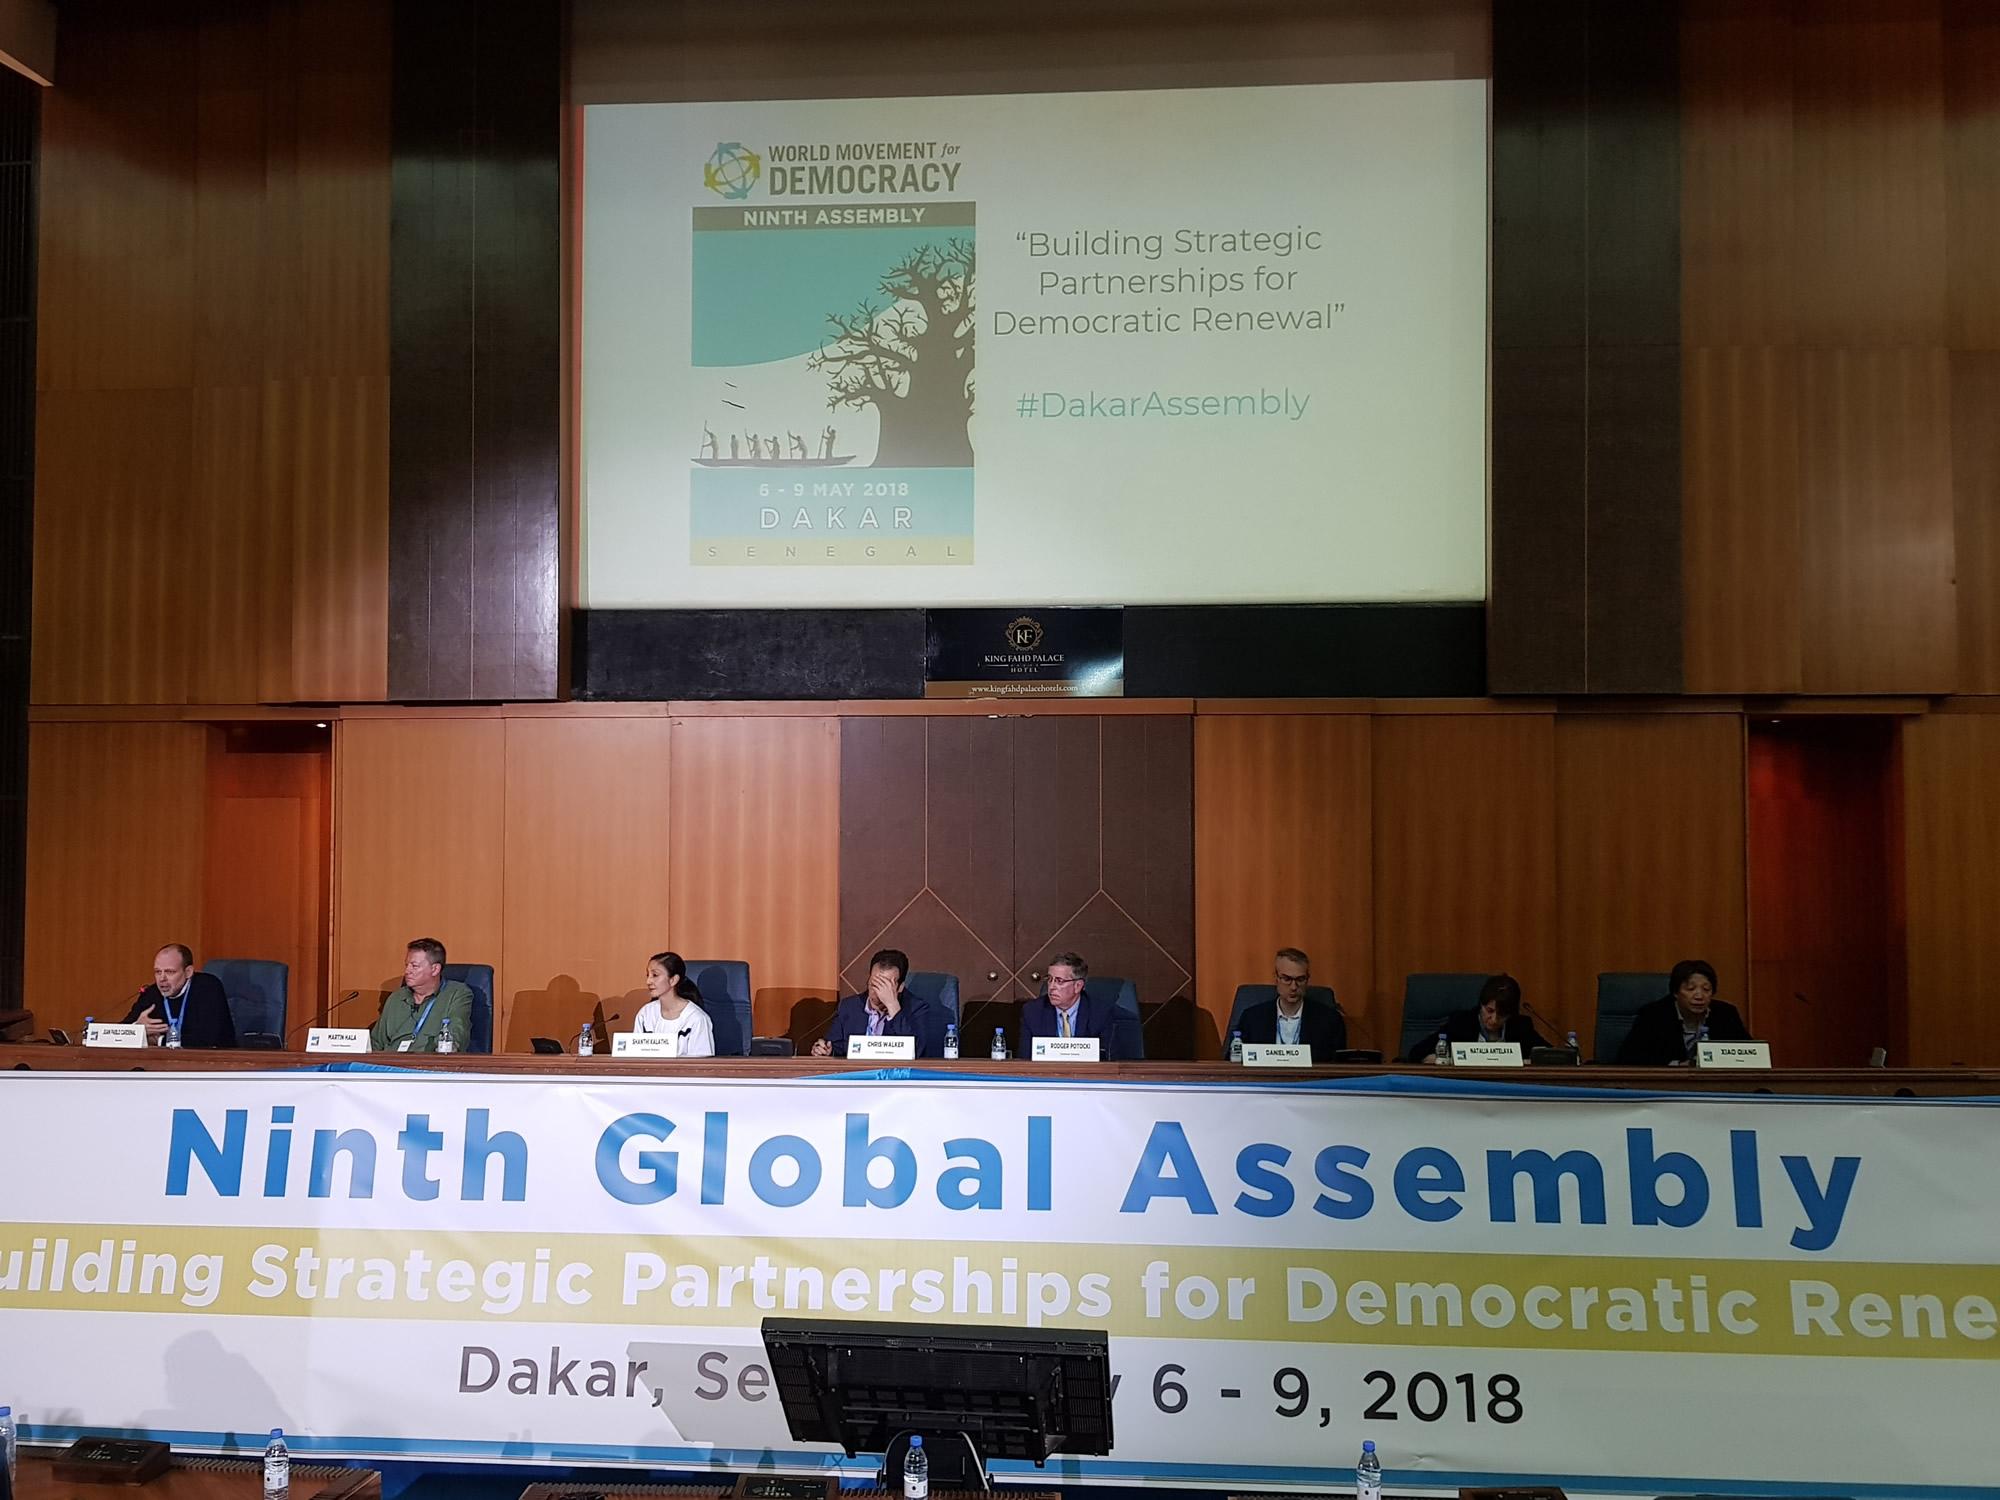 CADAL participó en Dakar de la 9na Asamblea del Movimiento Mundial para la Democracia